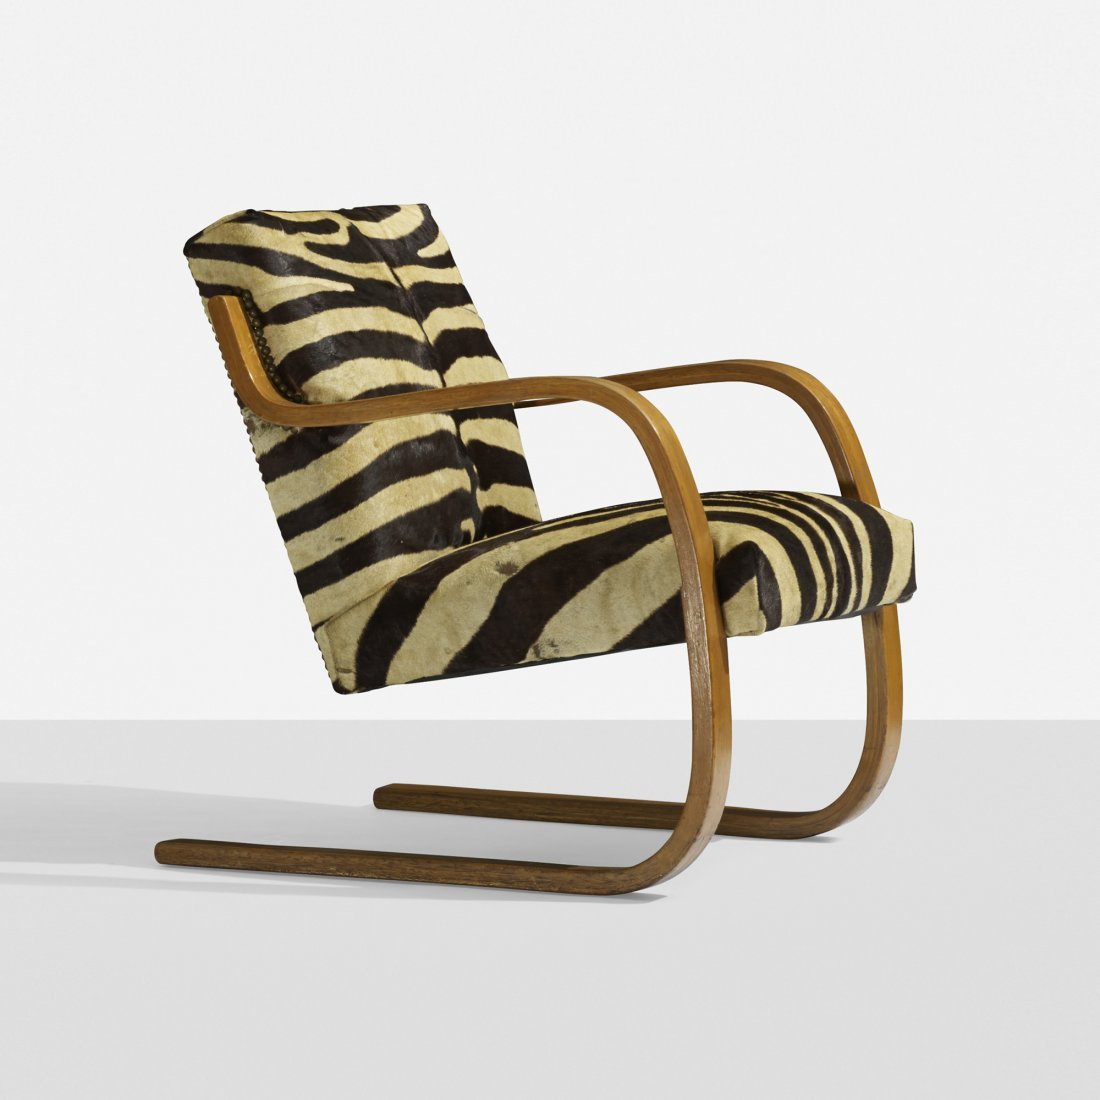 Alvar Aalto cantilevered chair